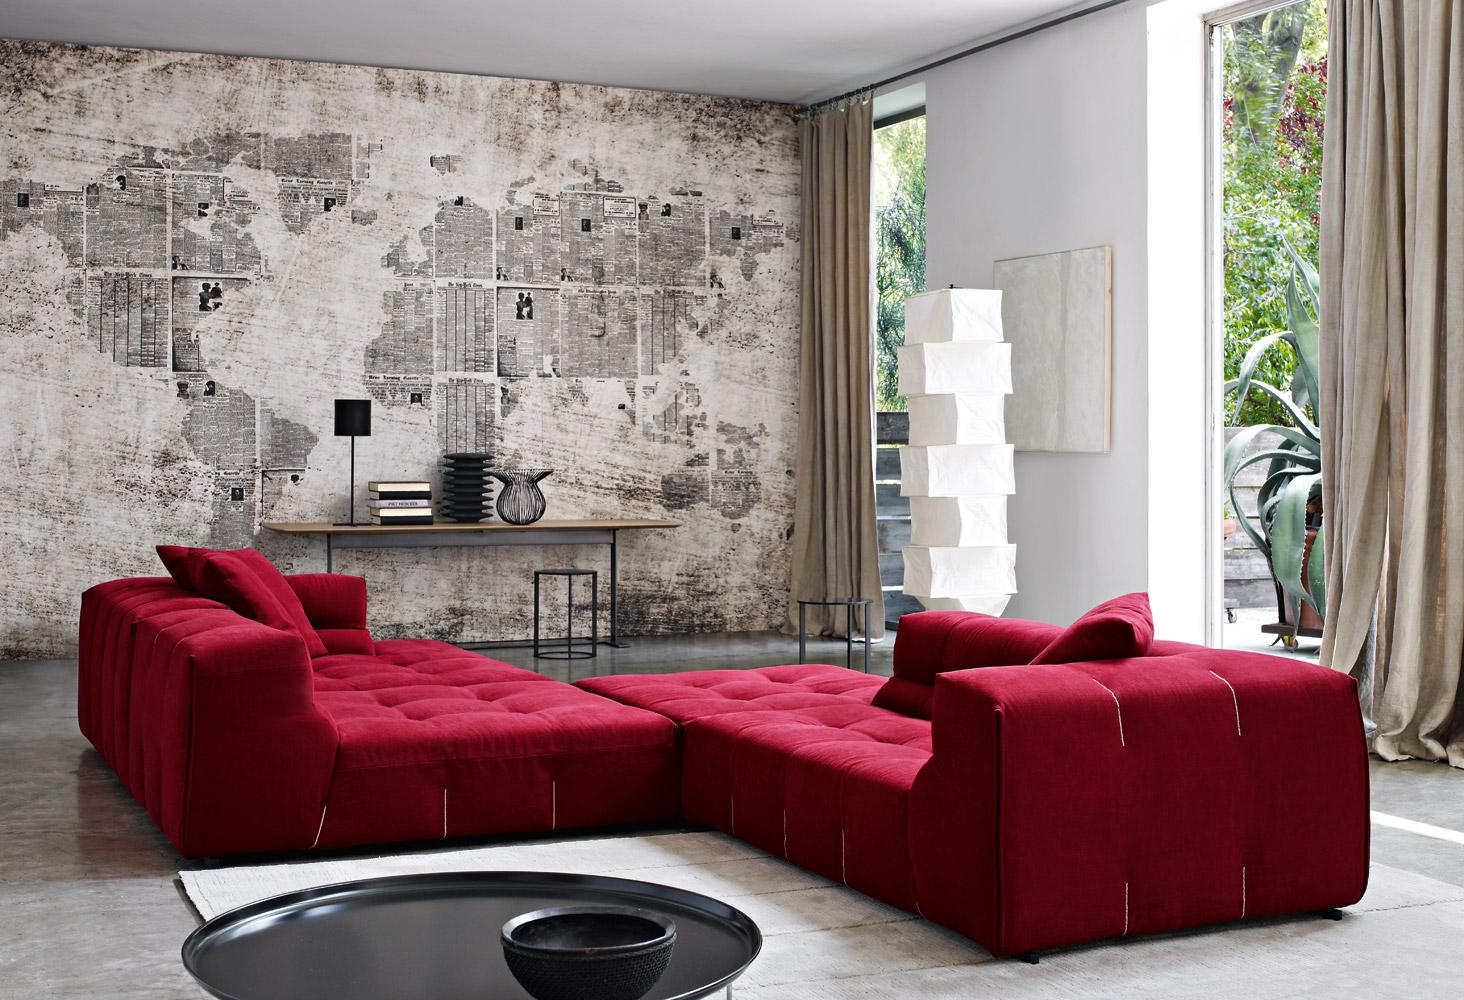 Full Size of Designer Furniture Tufty Too Sofa By Bb Italia Big Kaufen Auf Raten Samt Mit Schlaffunktion Federkern Reinigen Polsterreiniger Microfaser Xxl Günstig Husse Sofa Sofa Alternatives